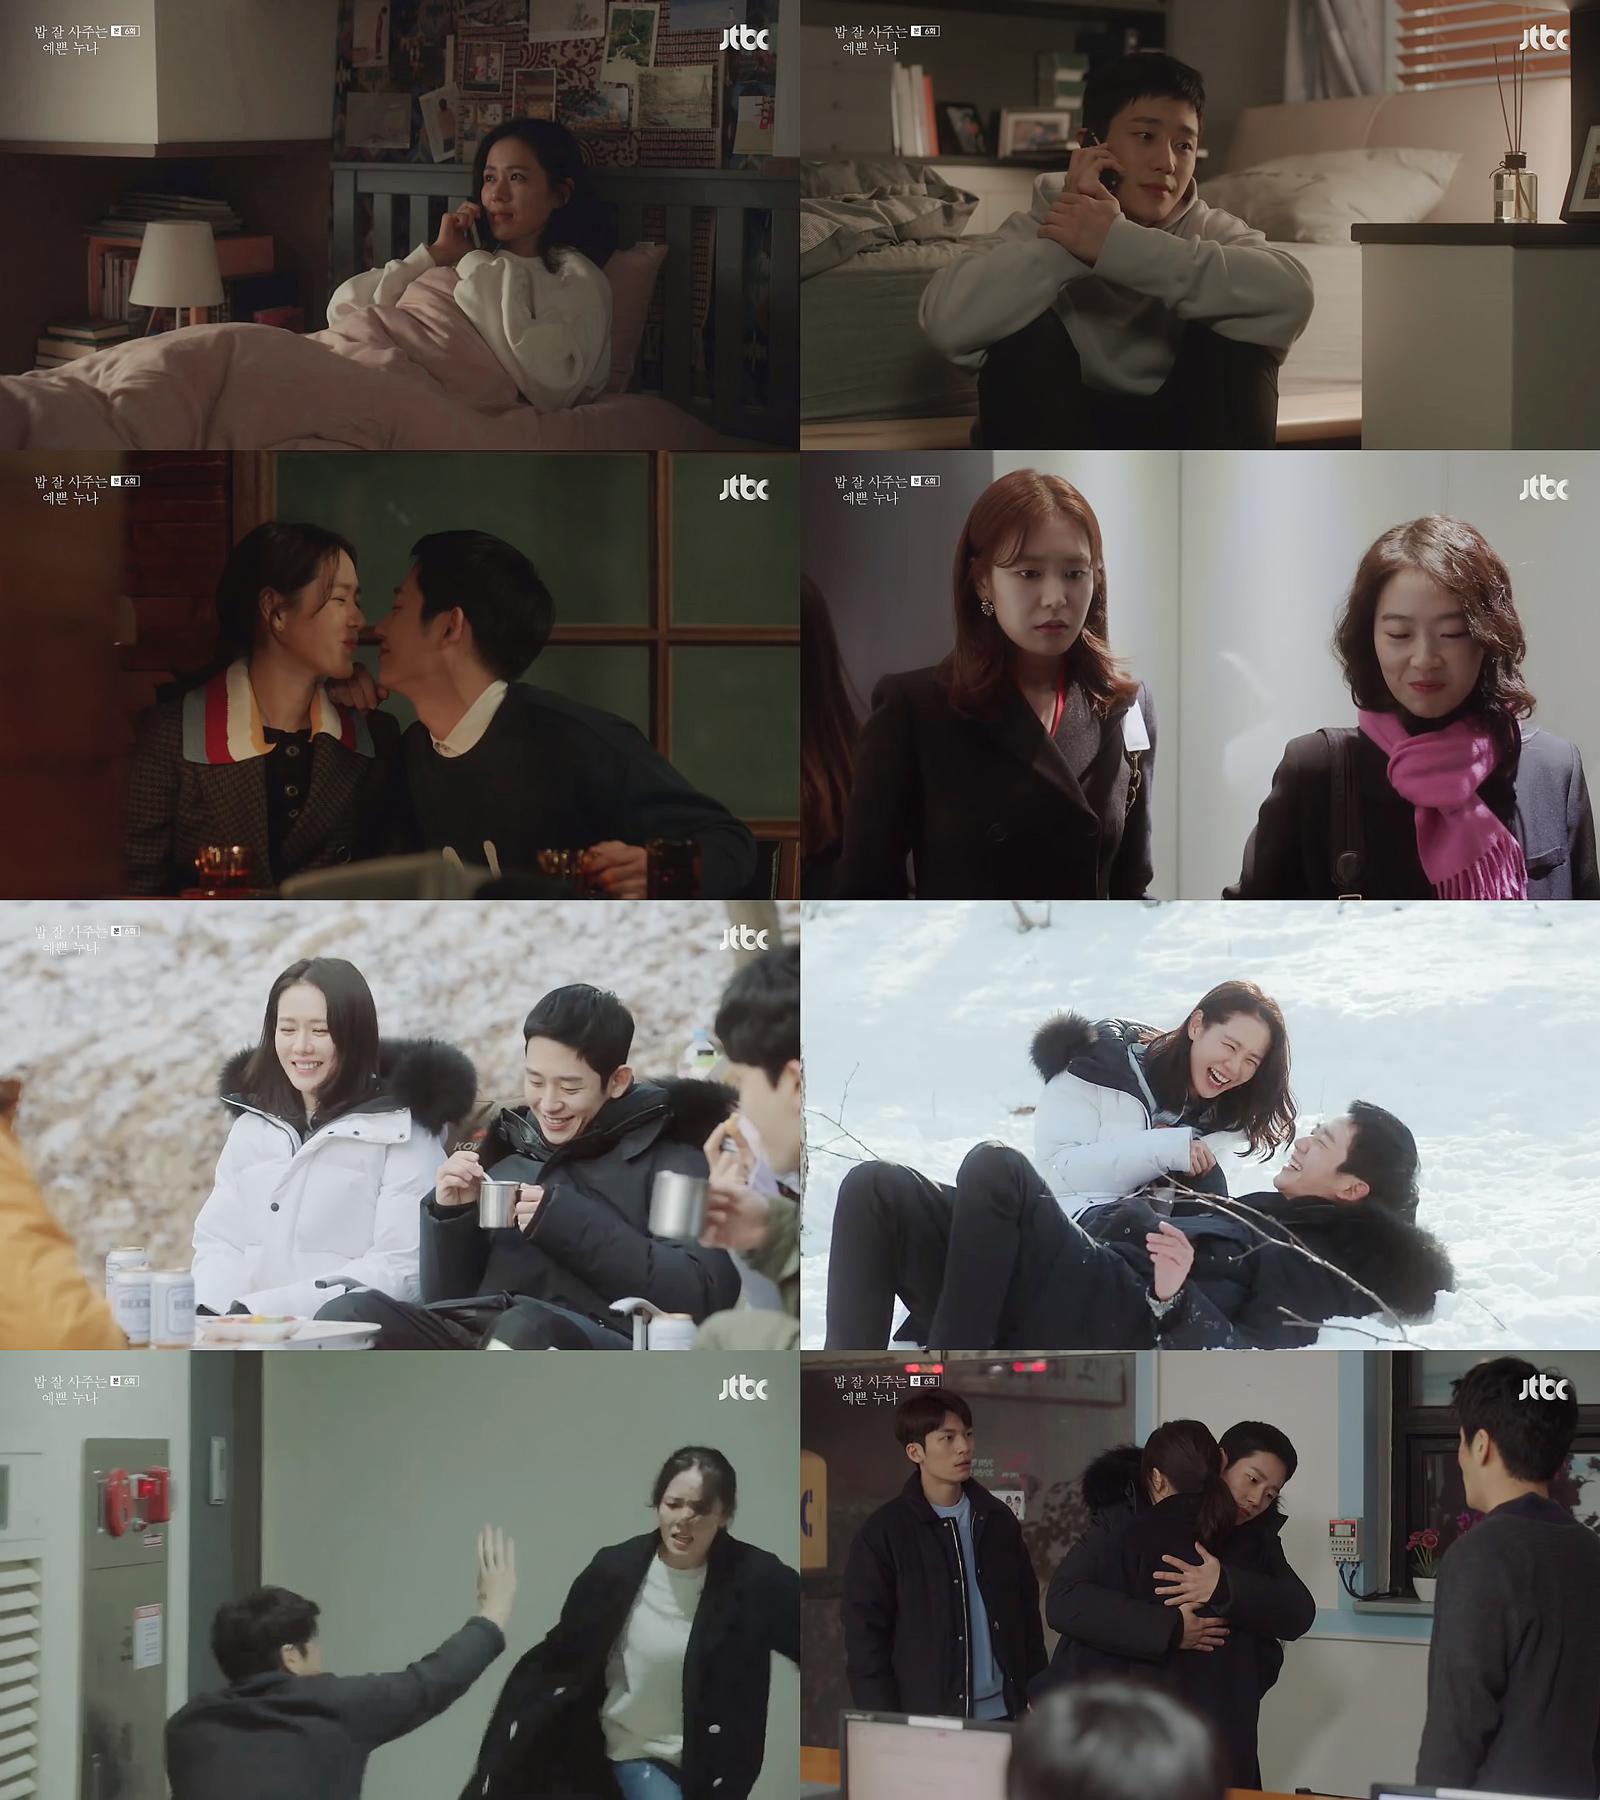 '예쁜 누나' 정해인, 위하준-오륭 앞에서 손예진 포옹... 자체 최고 경신